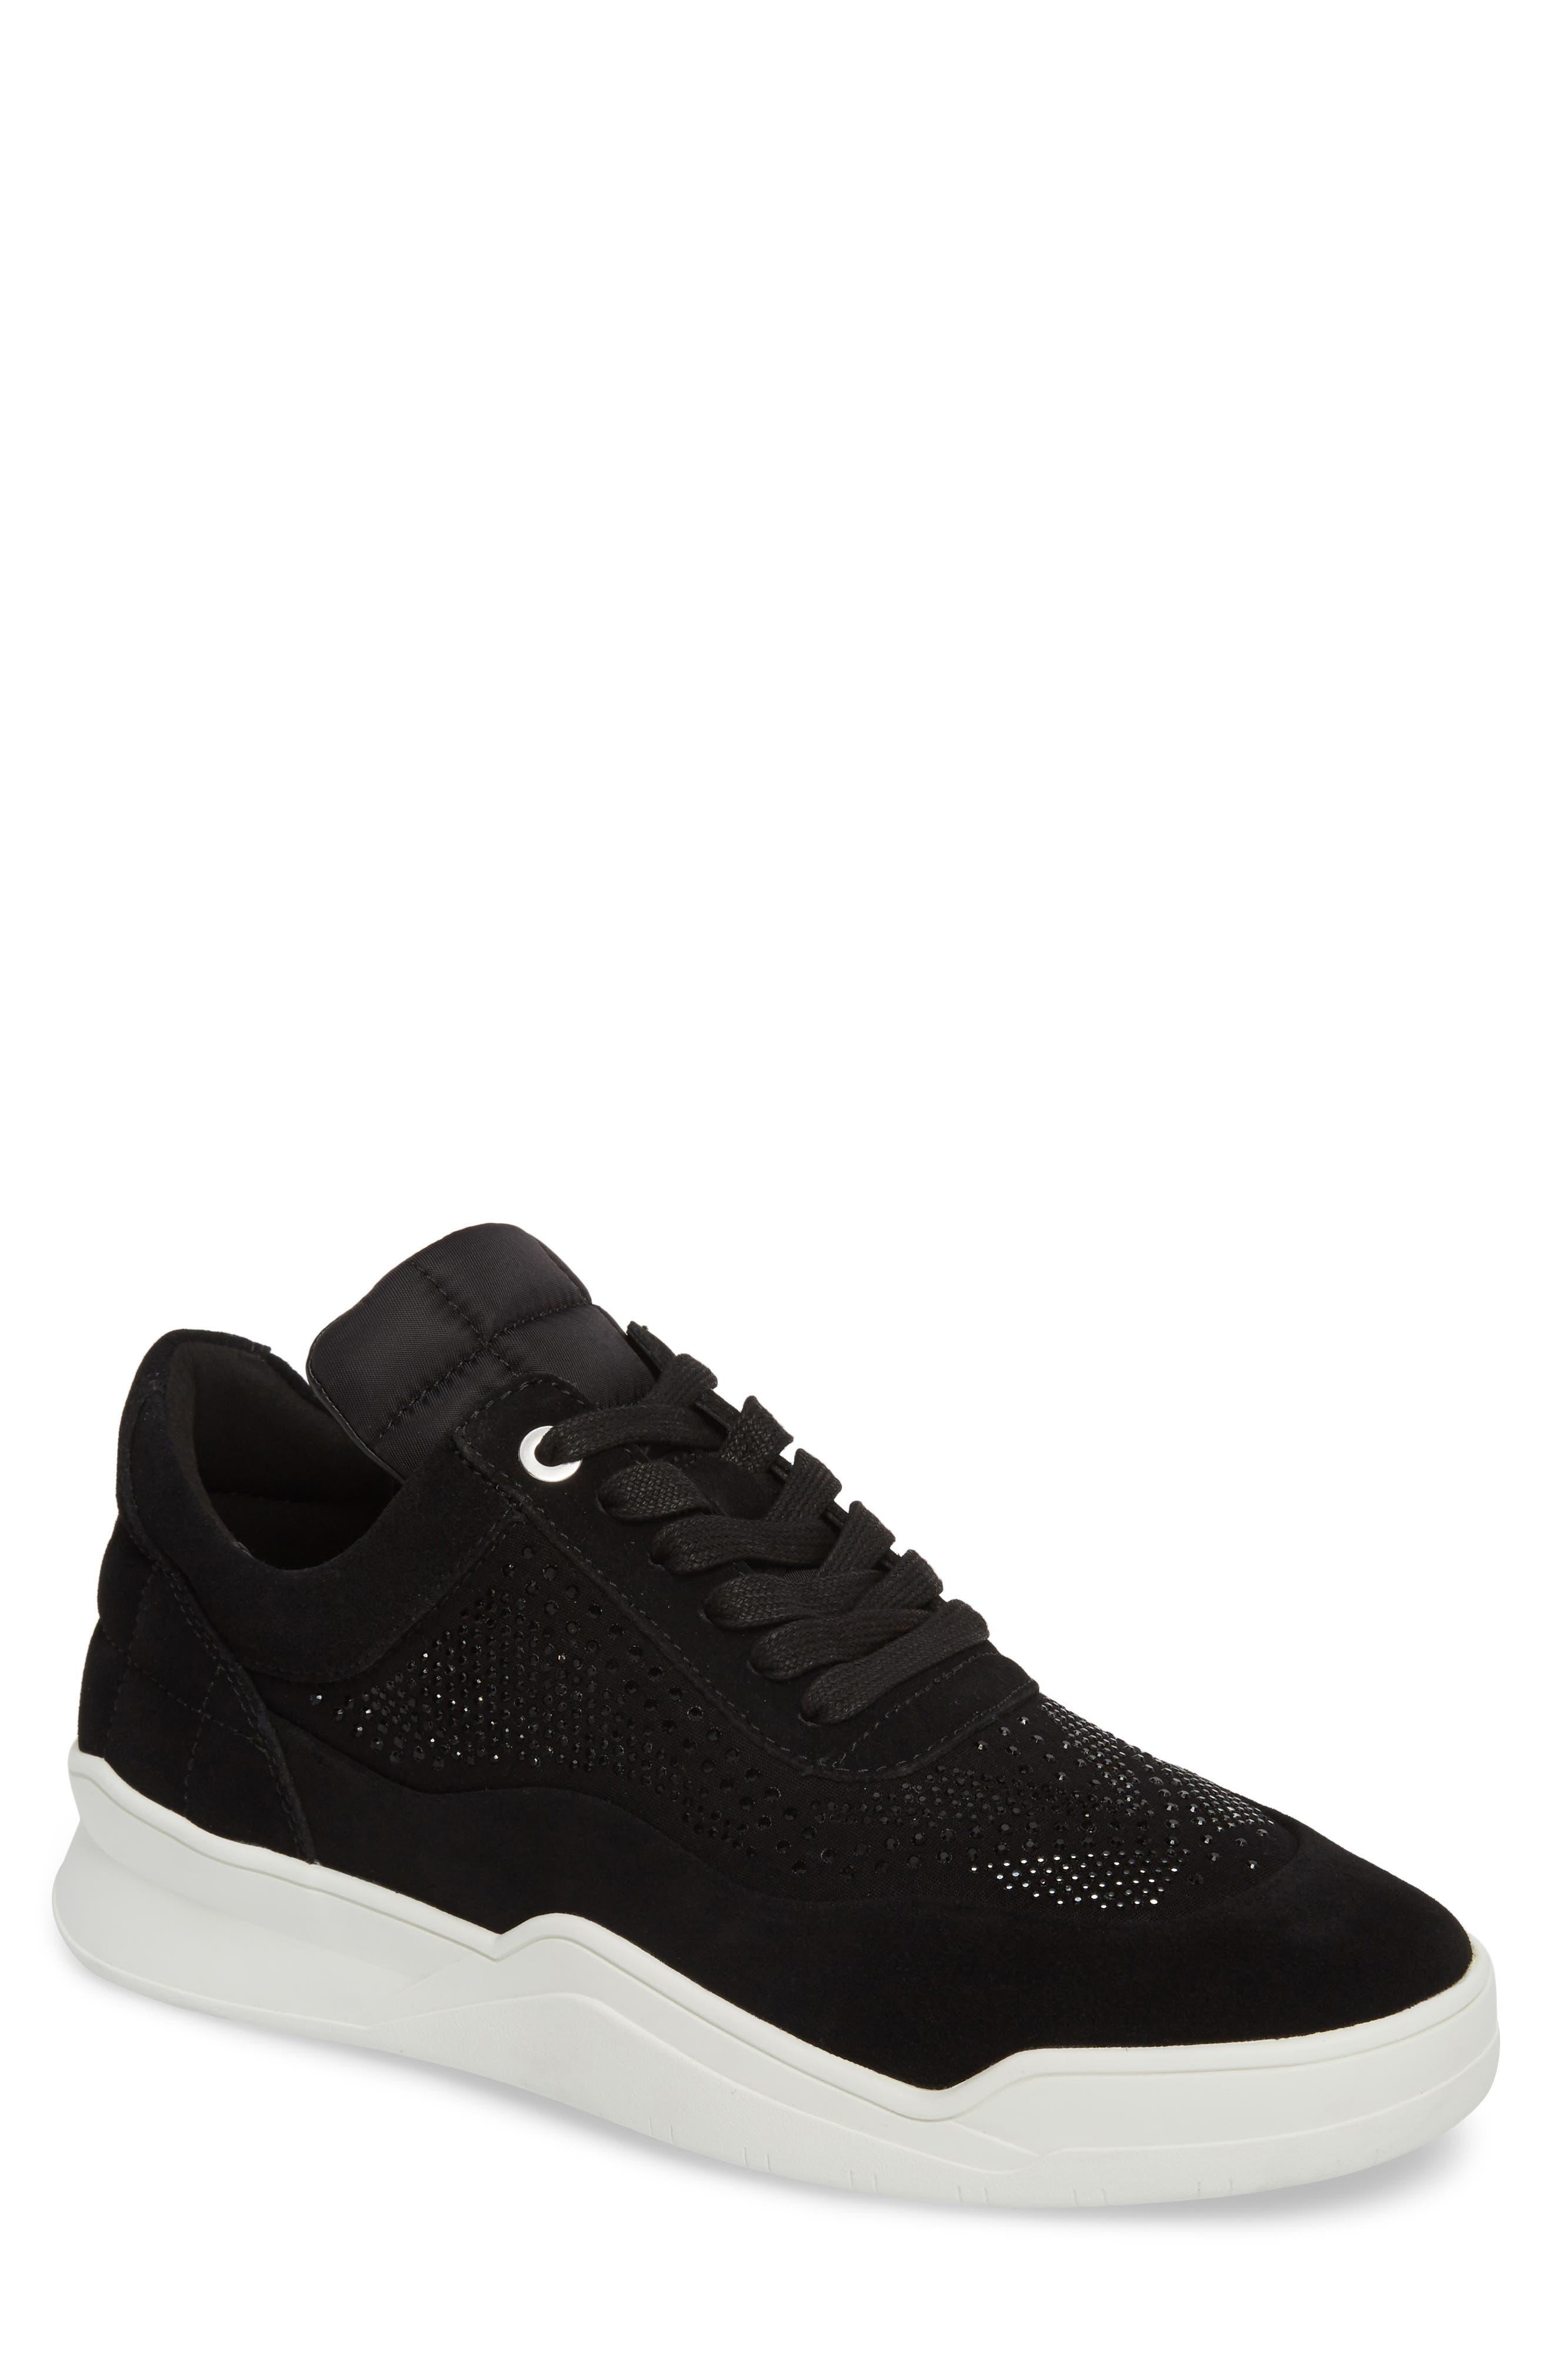 Karl Lagerfeld Paris Mid-Top Sneaker- Black